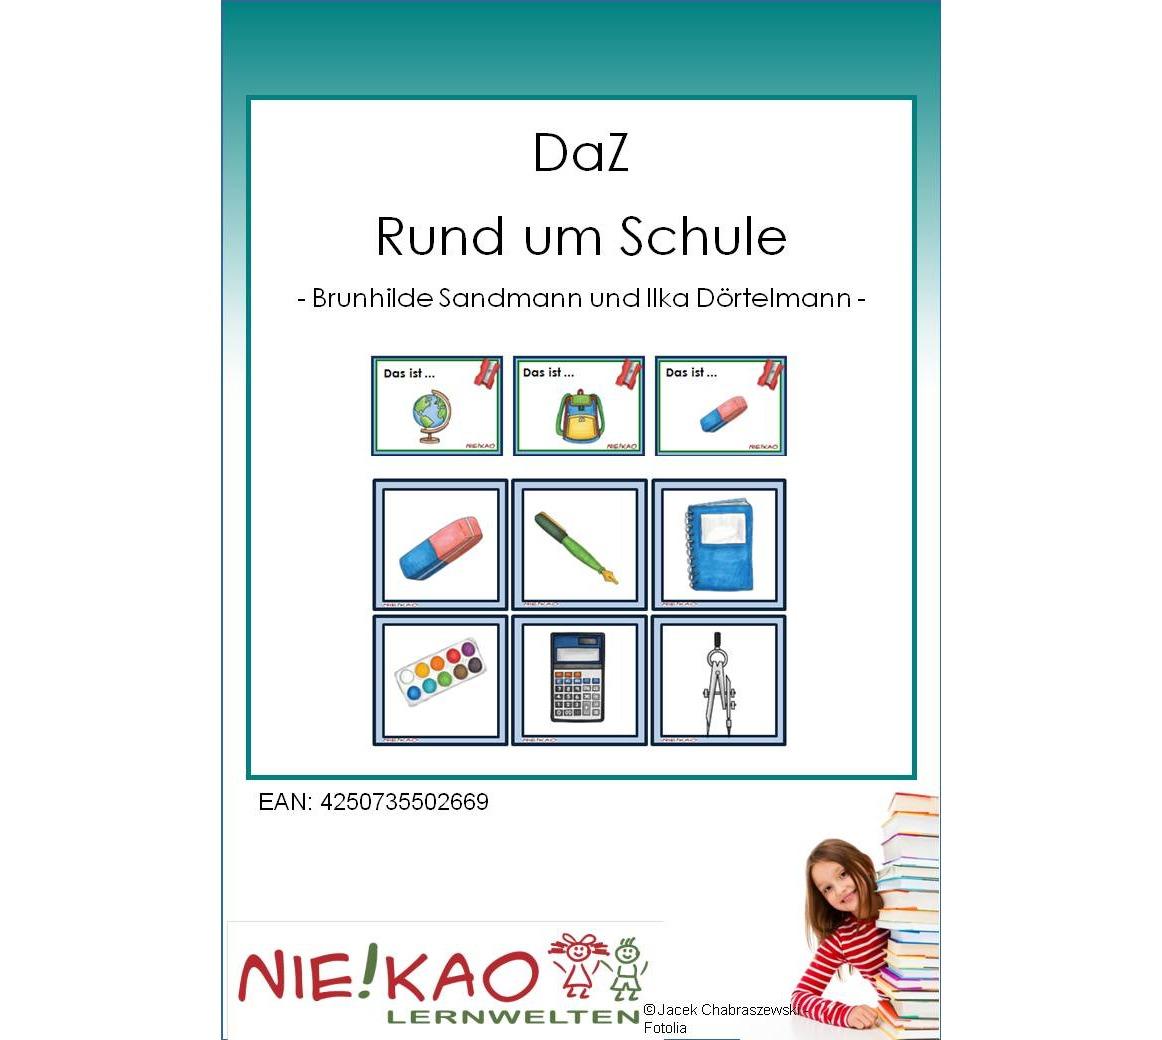 Unterrichtsmaterial, u00dcbungsblu00e4tter fu00fcr die Grundschule : DaZ - Rund um Schule : online bestellen ...